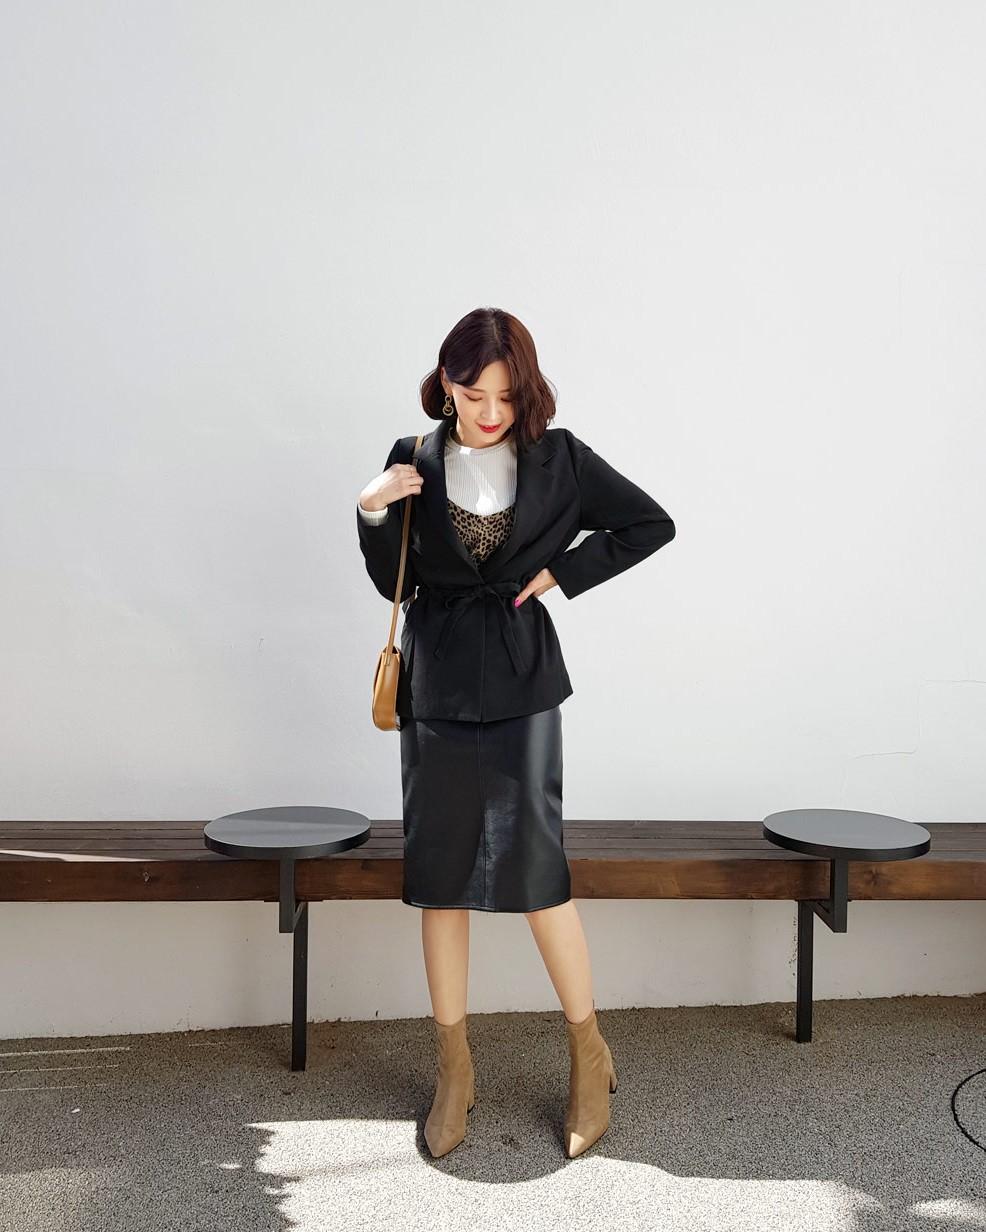 Diện mẫu blazer thắt eo này, nàng nào trông cũng sẽ thon gọn hơn và ra dáng chuẩn quý cô thanh lịch - 11